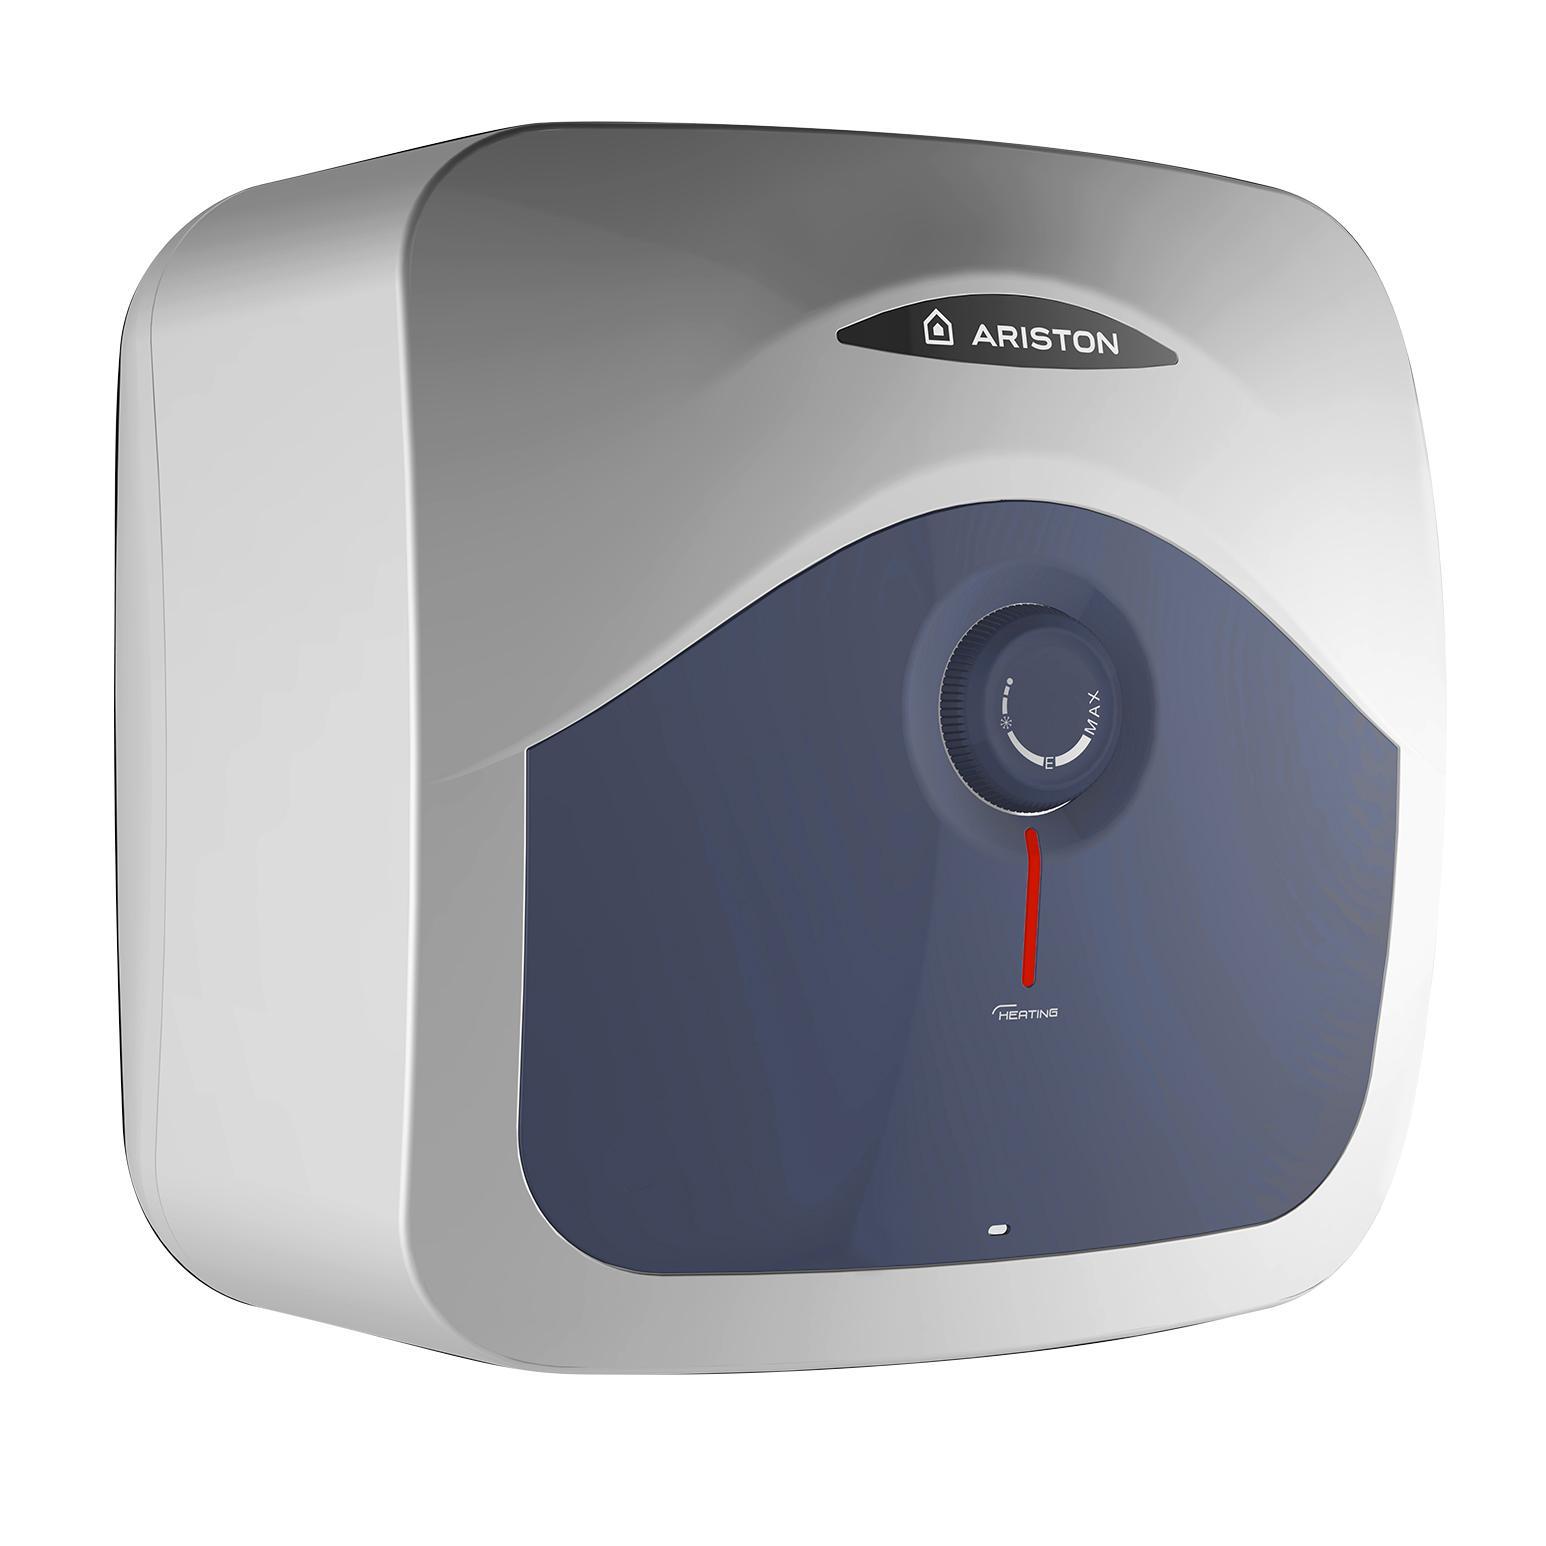 Ariston 3100313 scaldabagno elettrico 10 litri fai da te - Scaldabagno elettrico istantaneo basso consumo ...